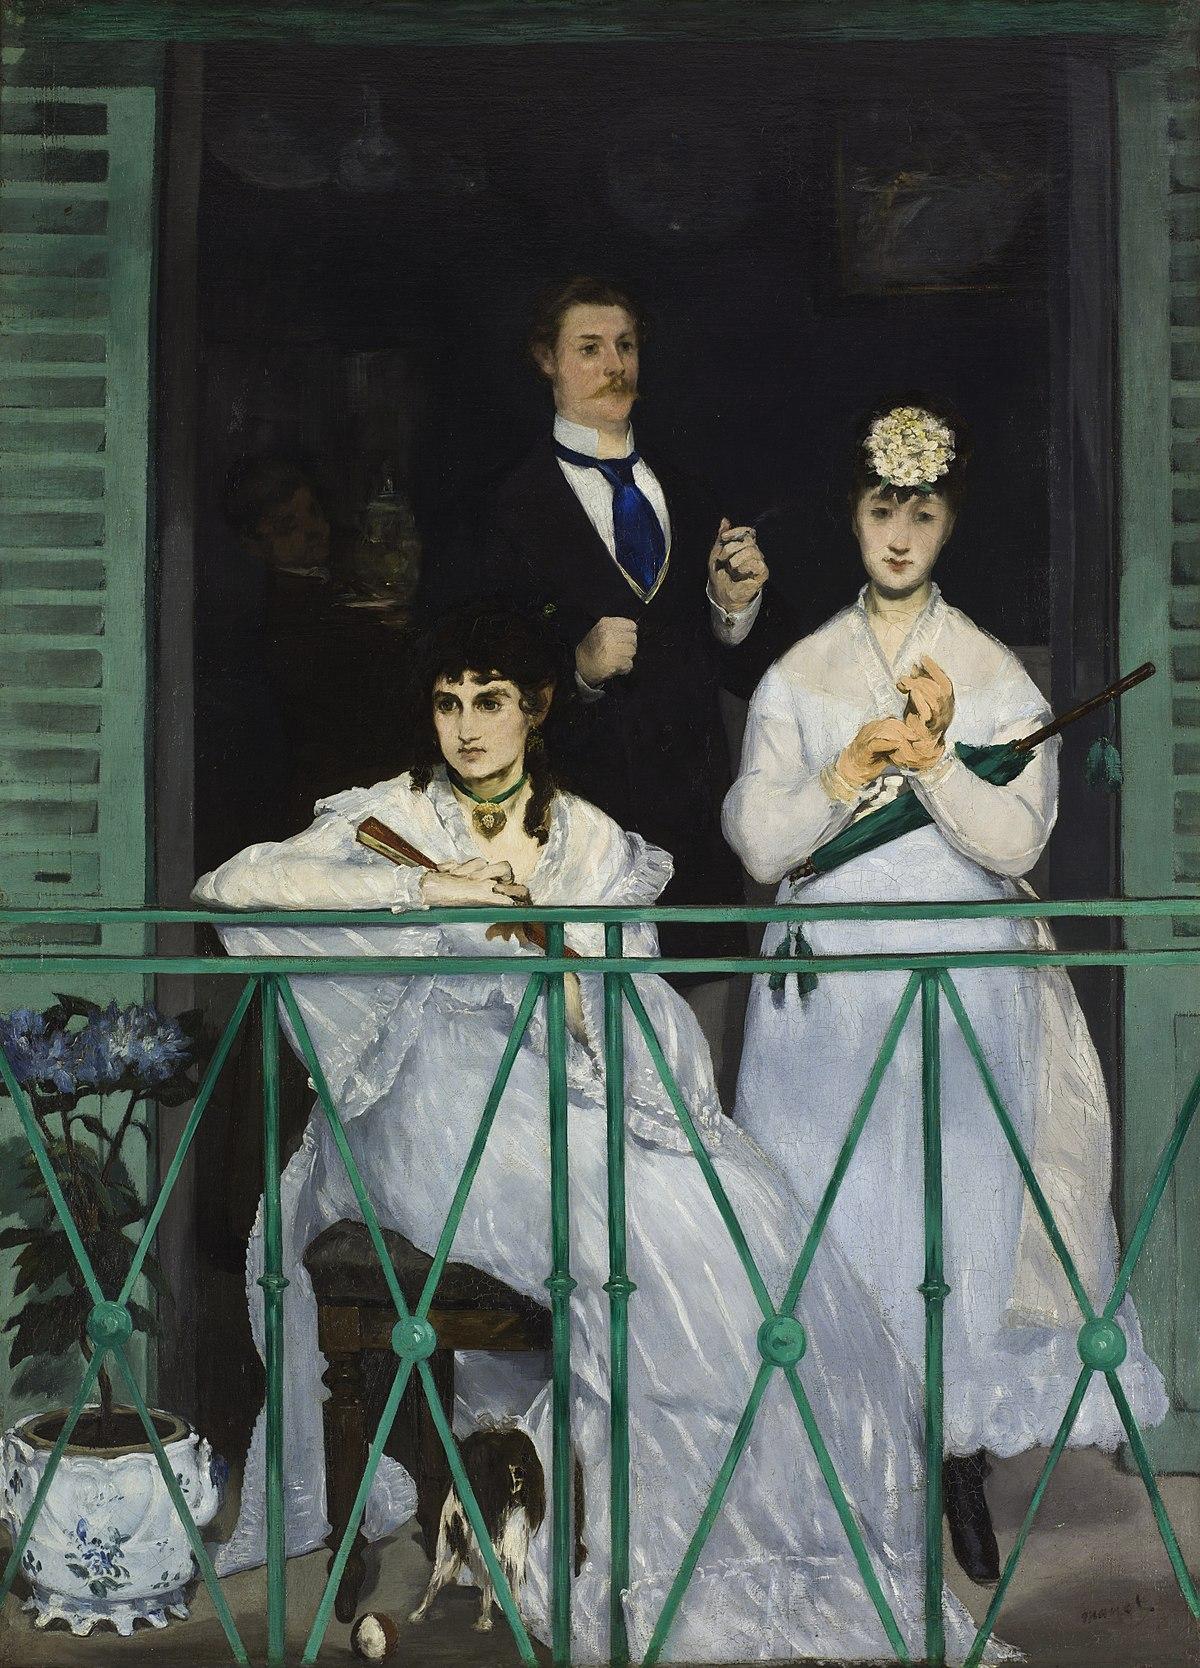 Figura 22 - Édouard Manet, O balcão.